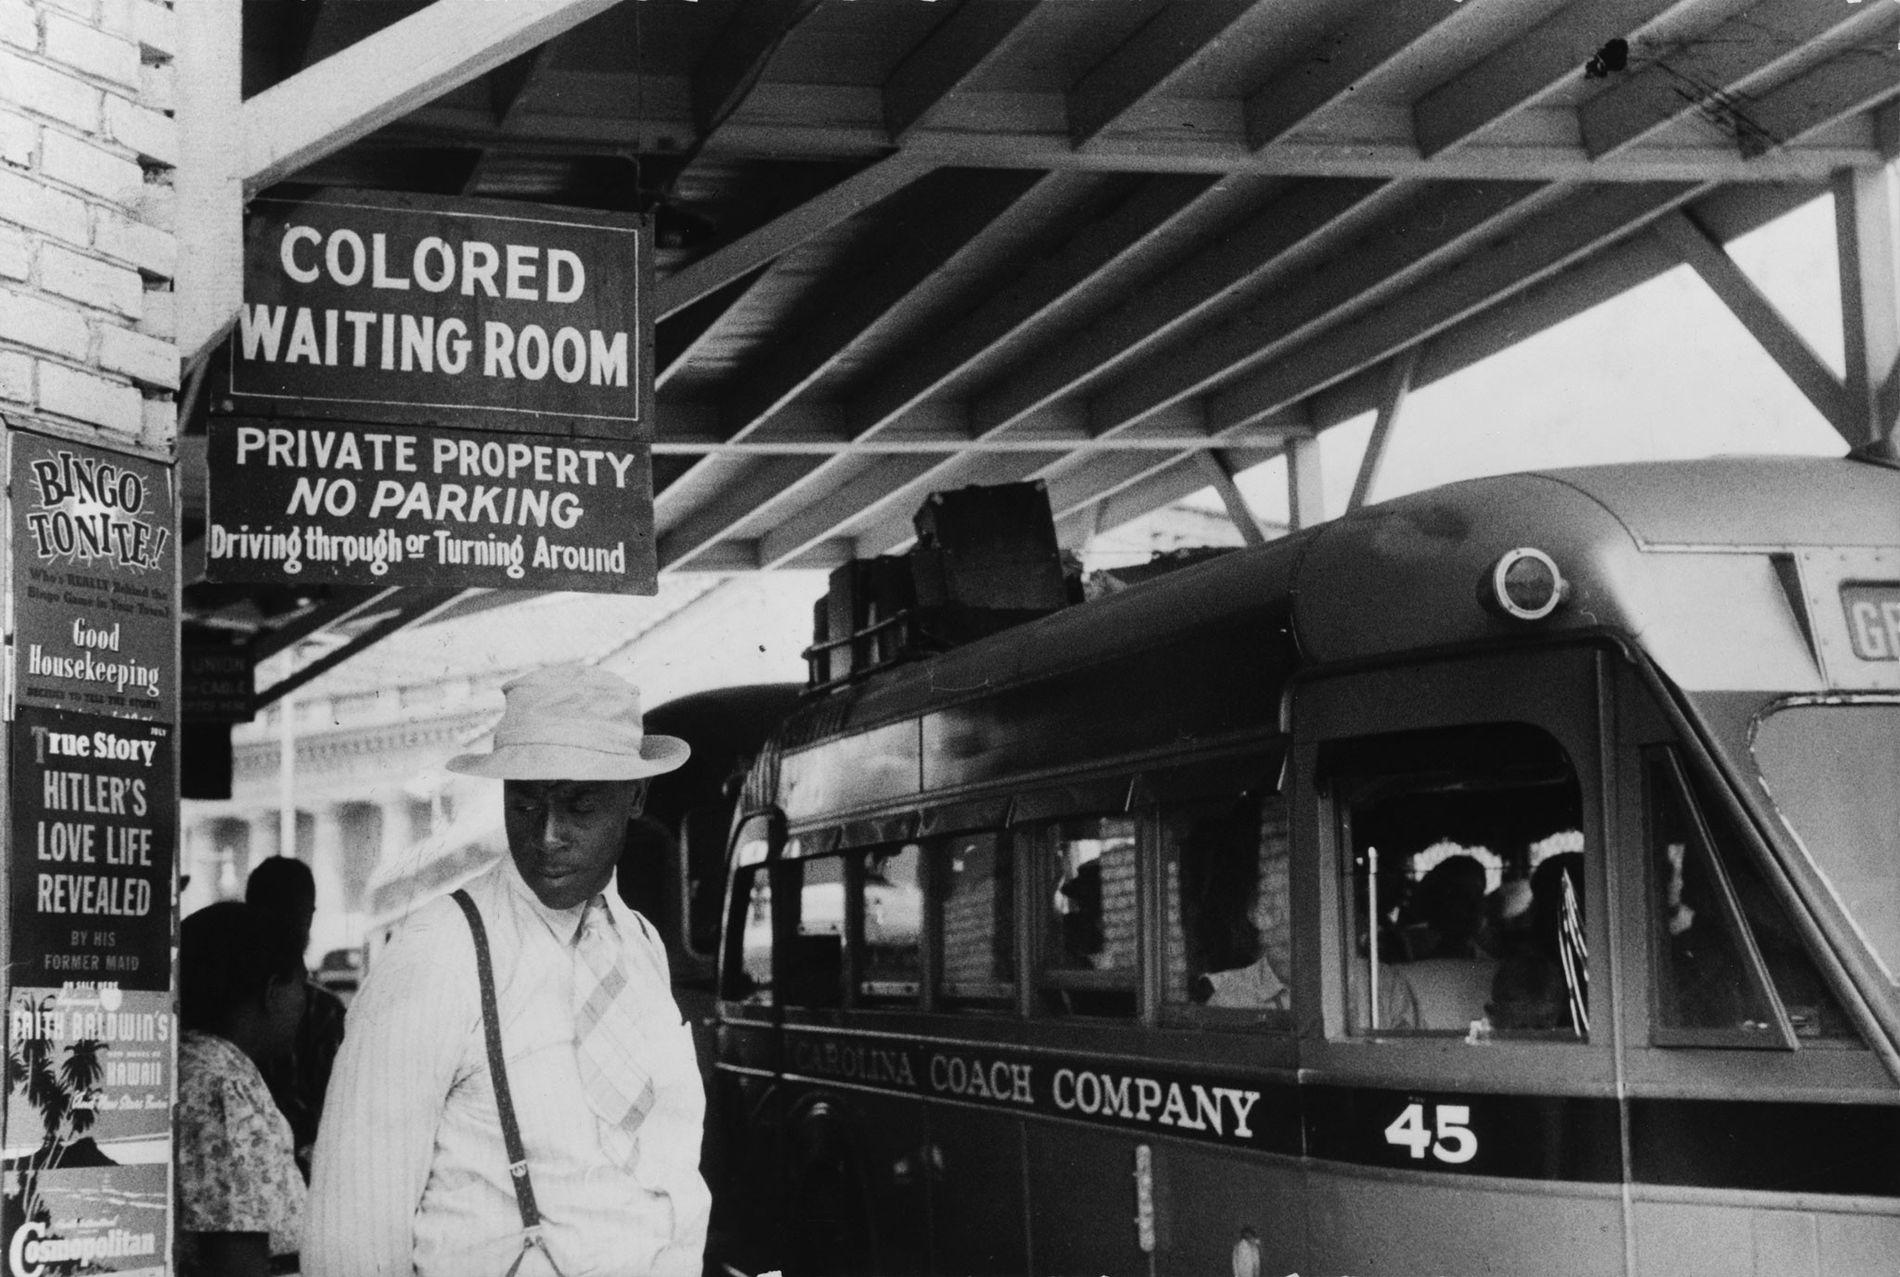 Depois da abolição da escravatura nos Estados Unidos, os cidadãos brancos nos antigos estados confederados criaram ...